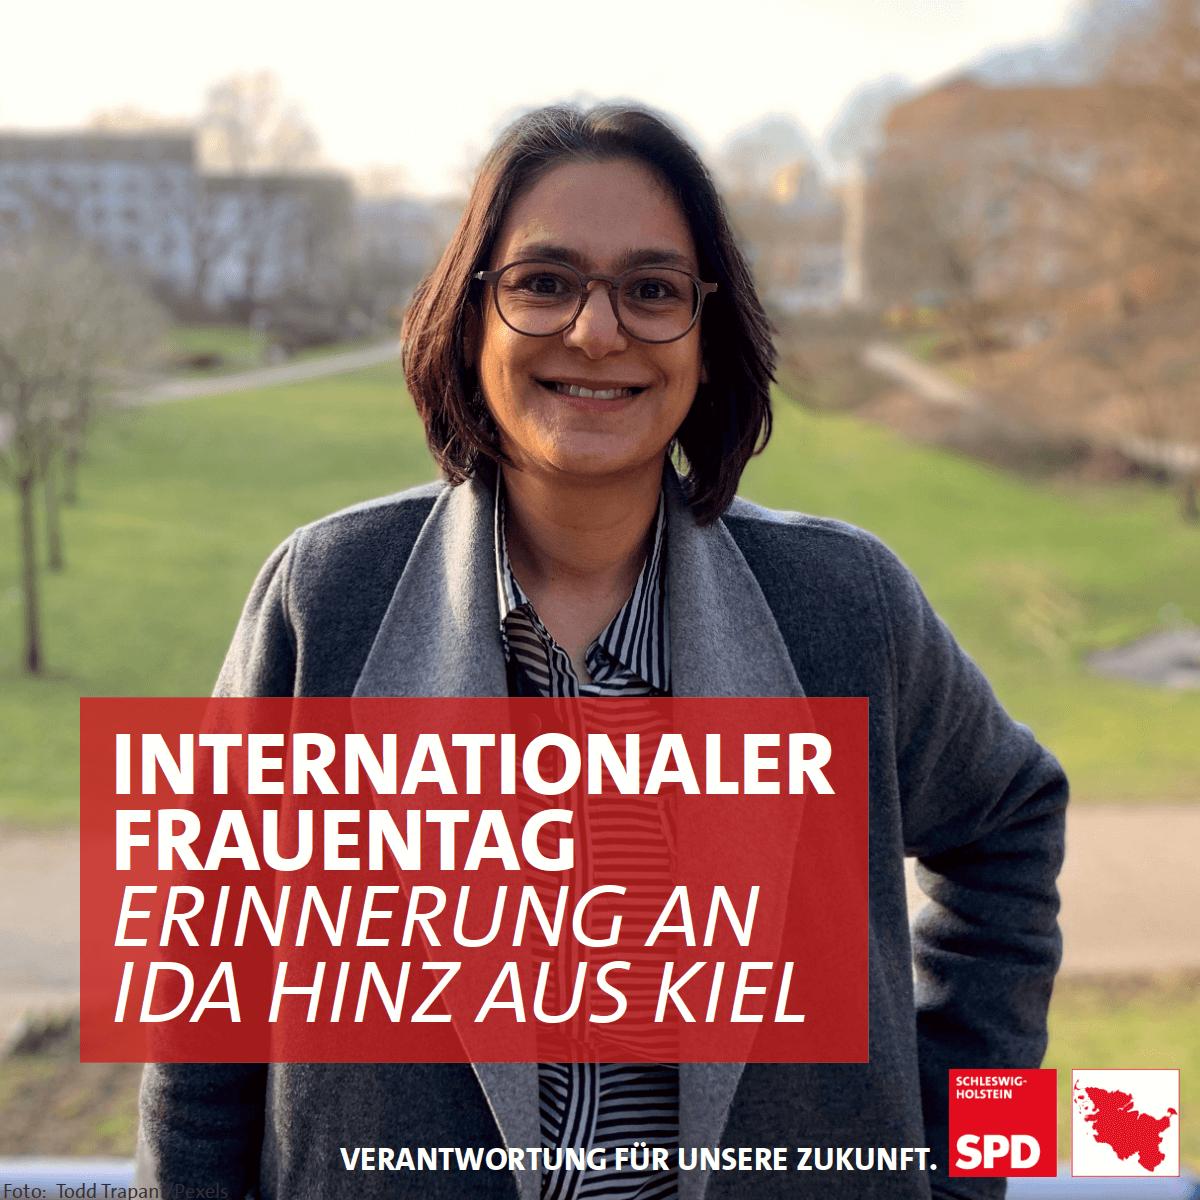 Hinter mir seht ihr den Ida-Hinz-Park in #Kiel. Ida Hinz war Deutschlands erste Stadtpräsidentin. Und zum #frauentag2021, möchte ich an sie erinnern. Mehr zu Ida Hinz findest Du hier: spd-geschichtswerkstatt.de/wiki/Ida_Hinz